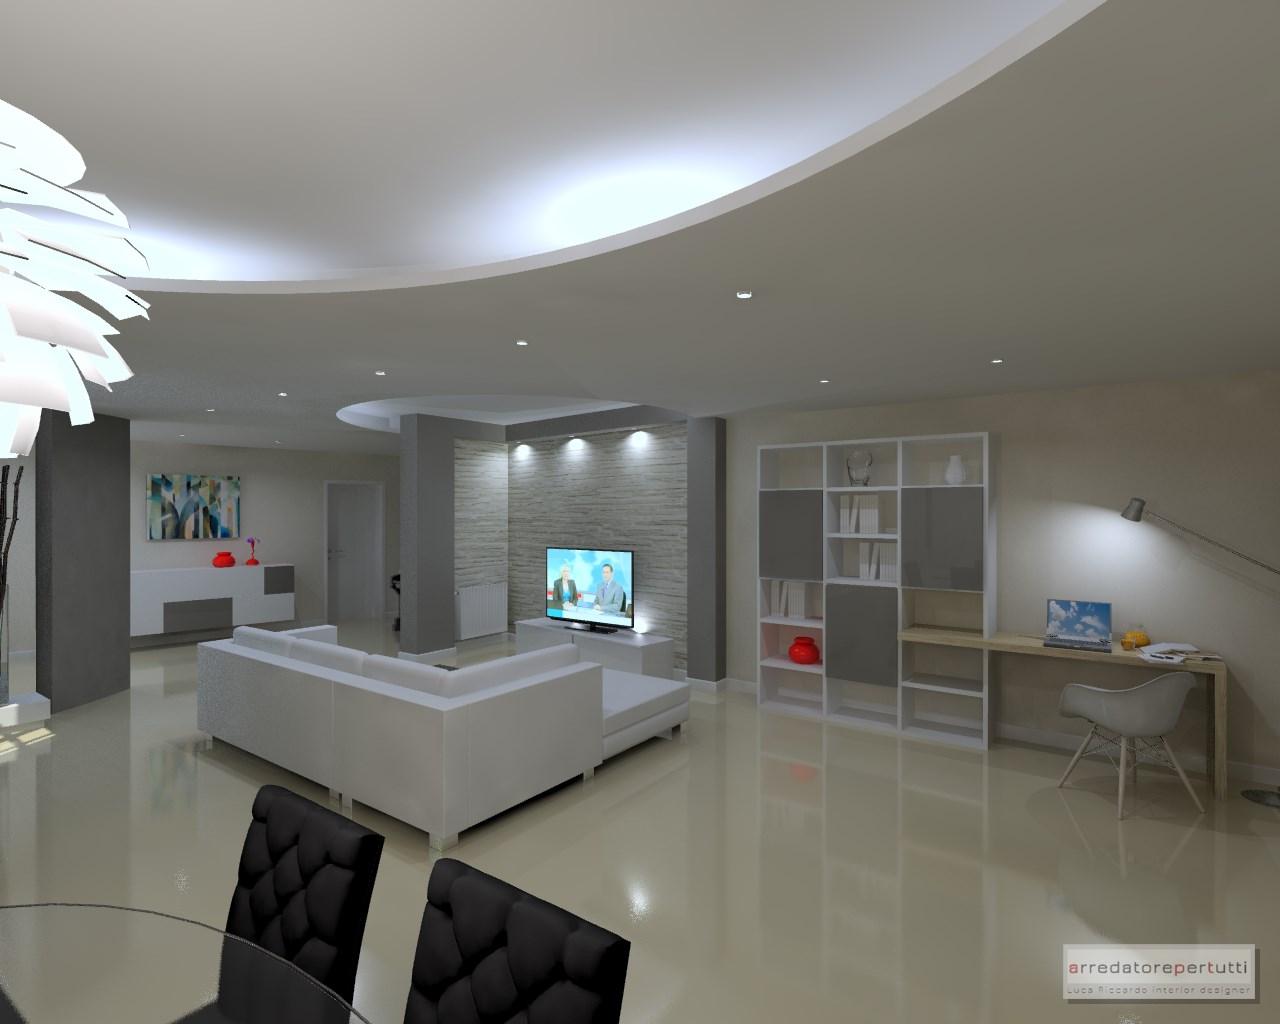 Progettazione d\'interni: progettazione interni online,interior design